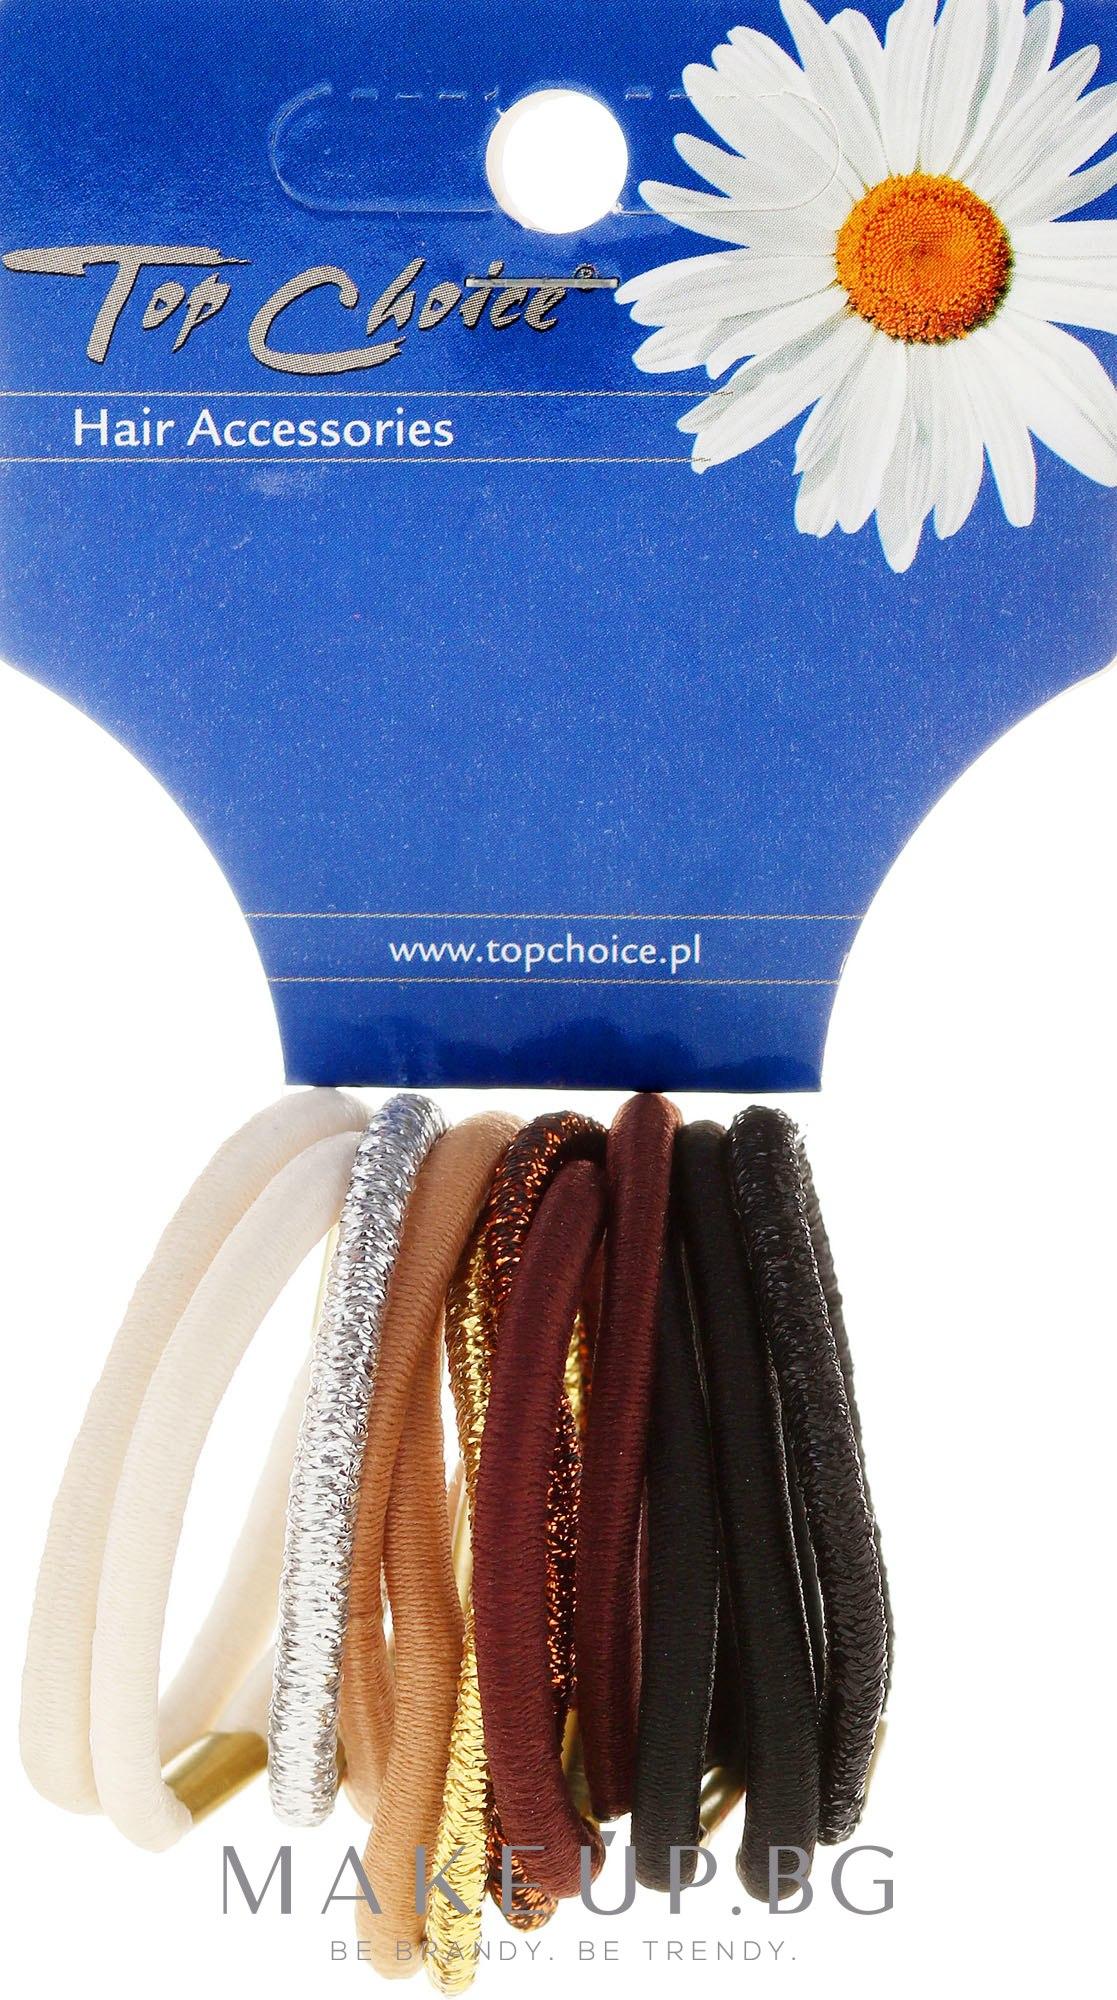 Ластици за коса 12 бр., микс от цветове - Top Choice — снимка 12 бр